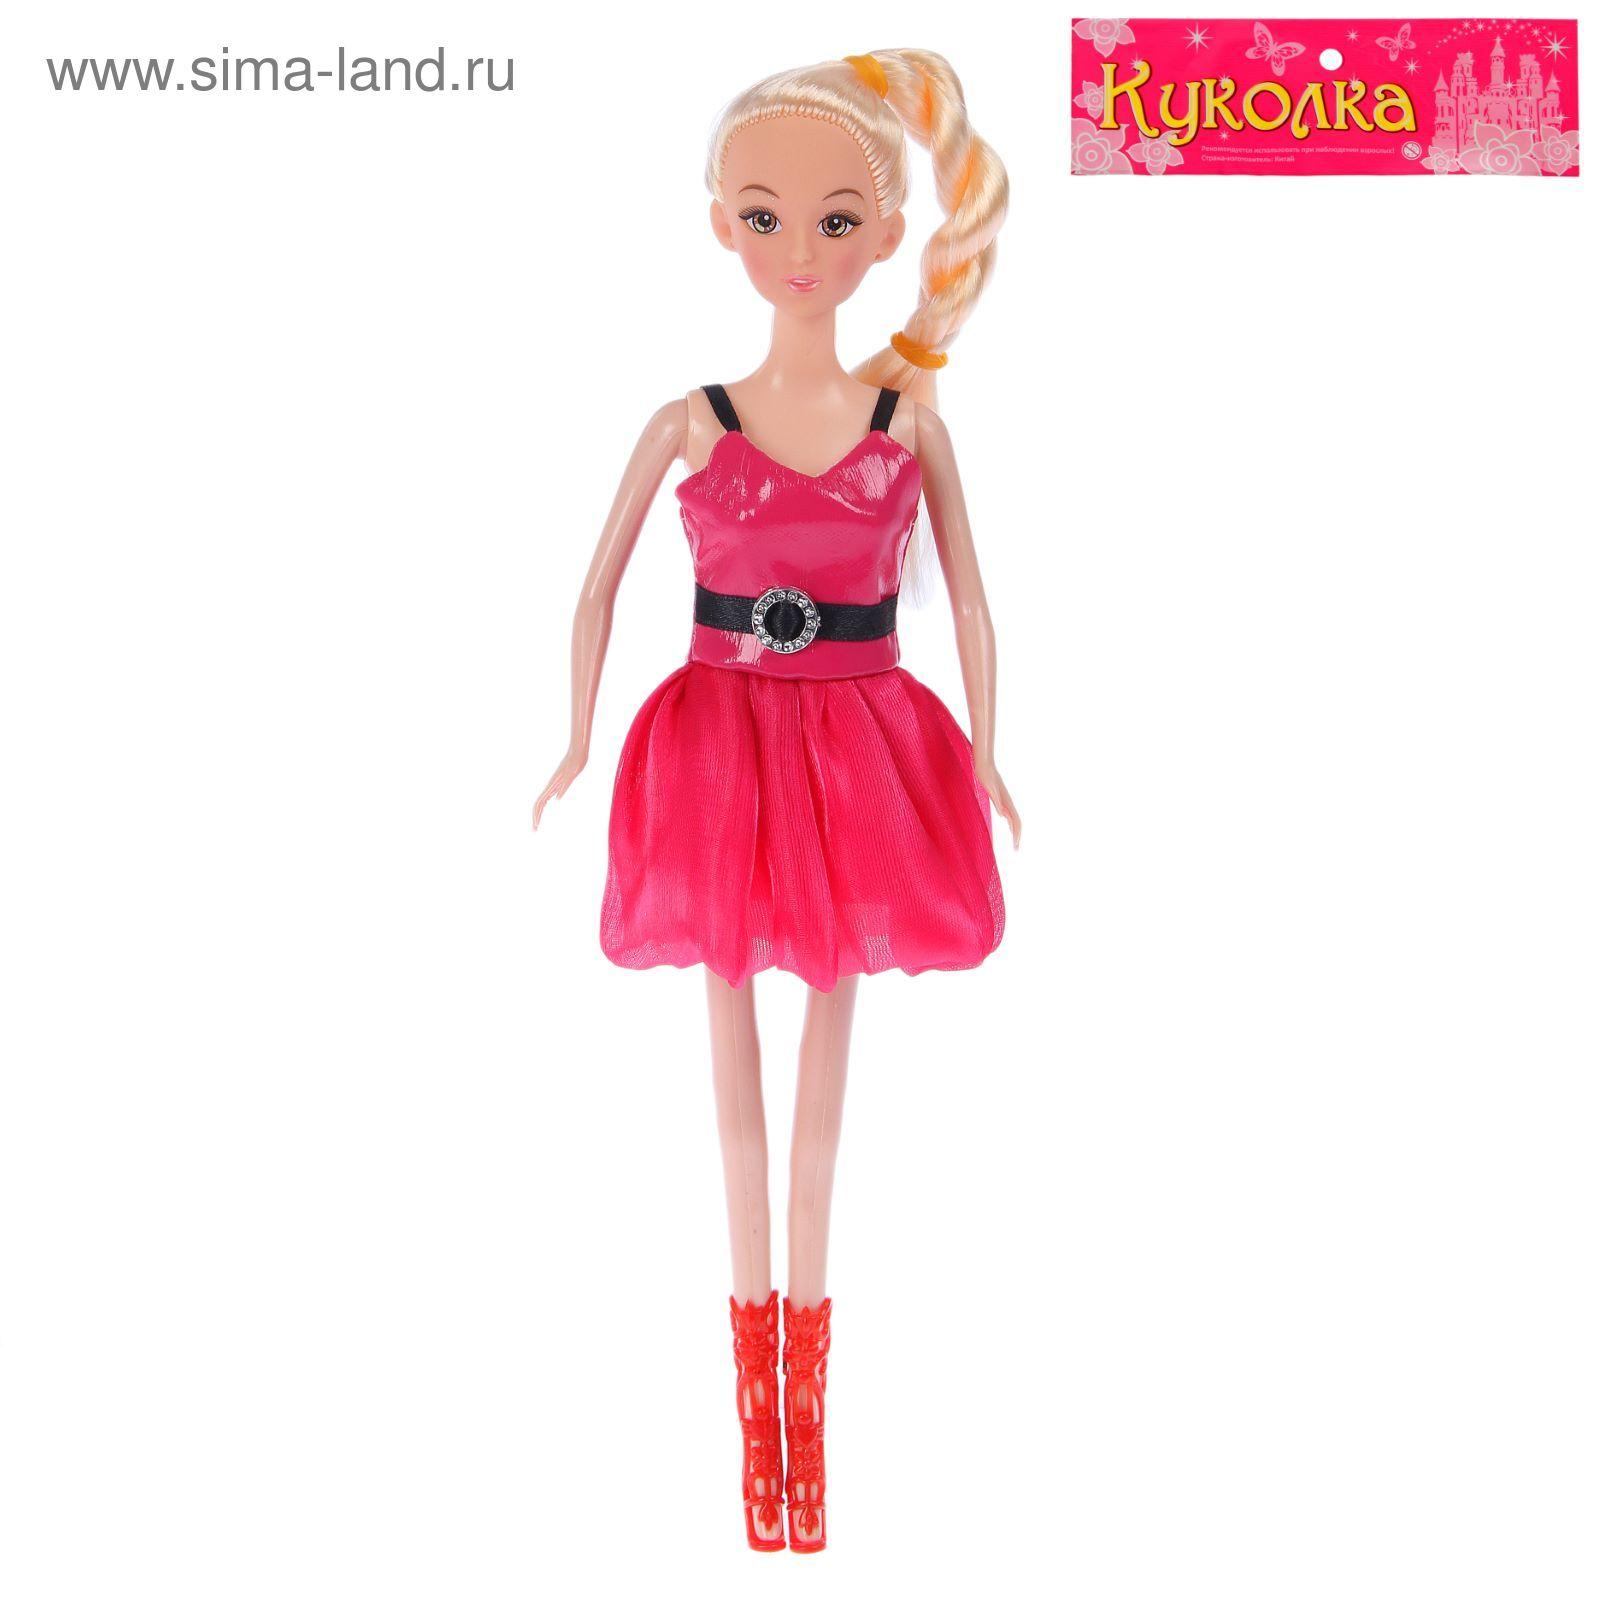 dca22892418 Кукла модная